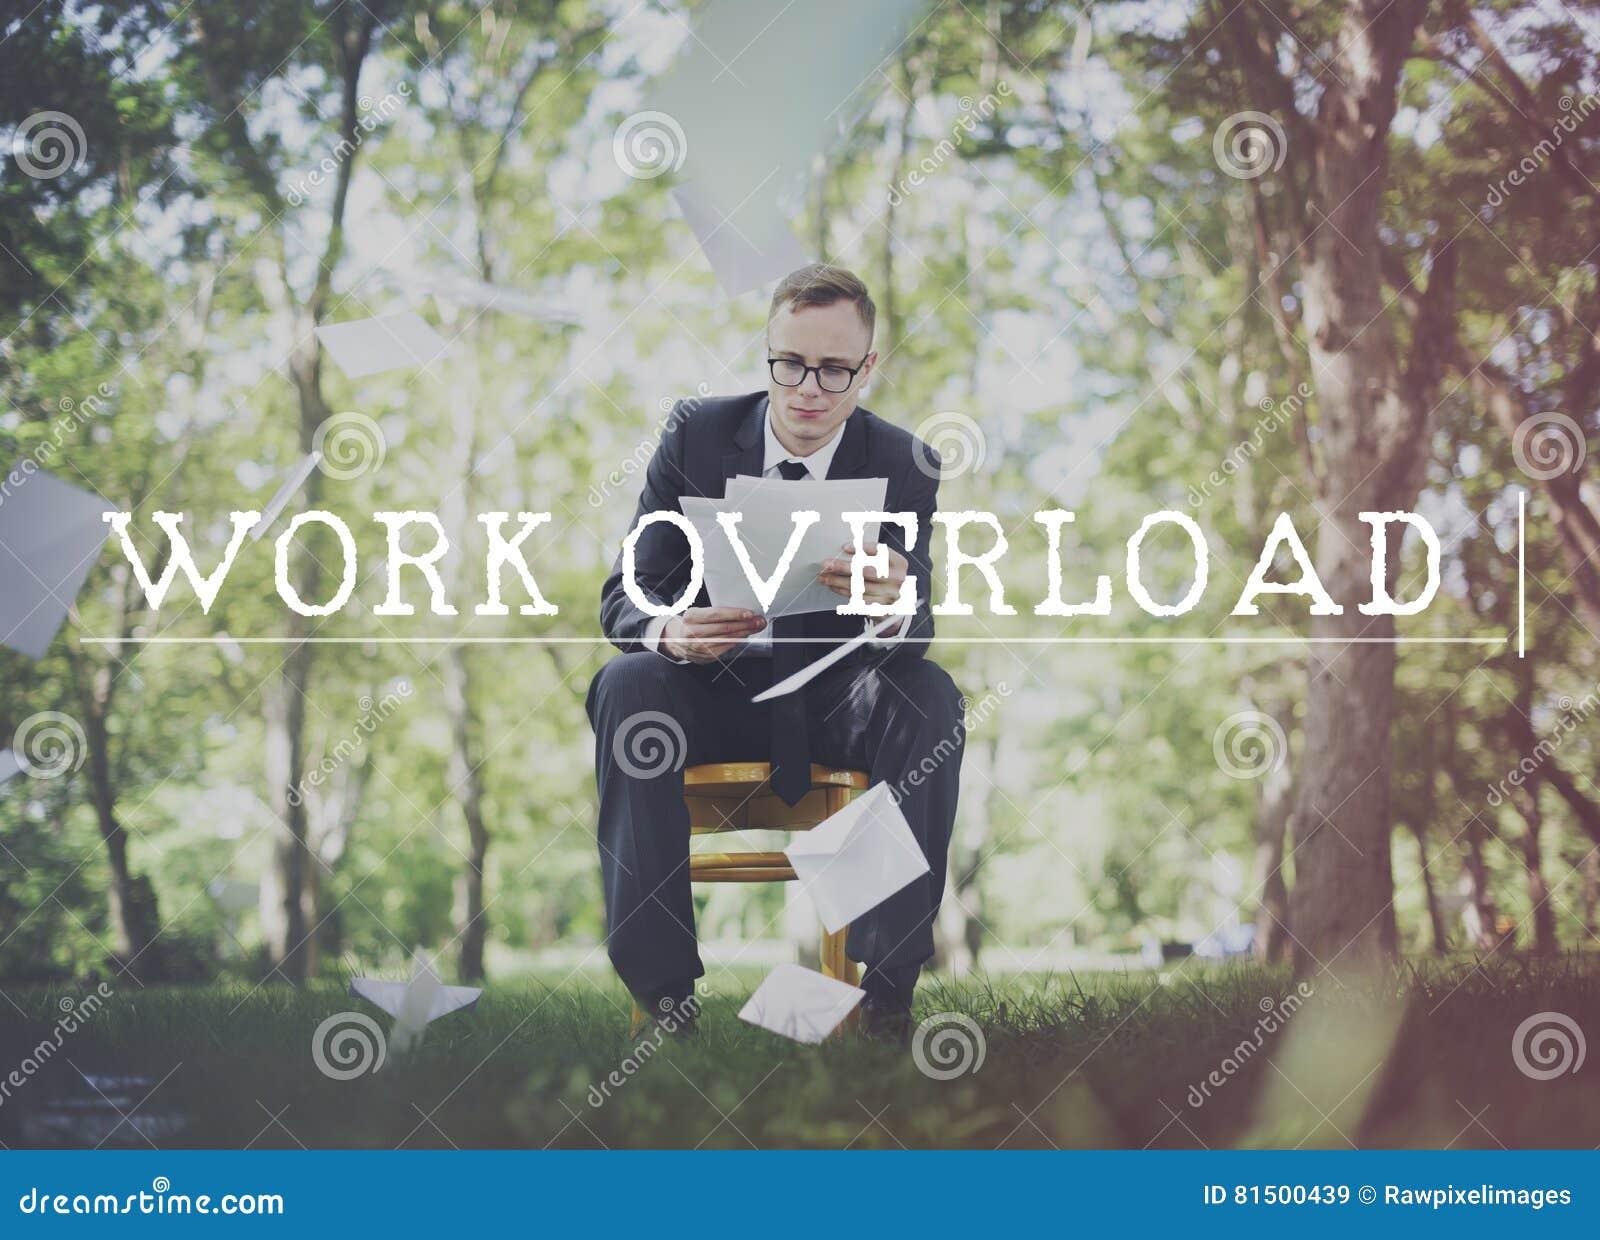 De travail de surcharge concept de contrôle du stress des heures supplémentaires